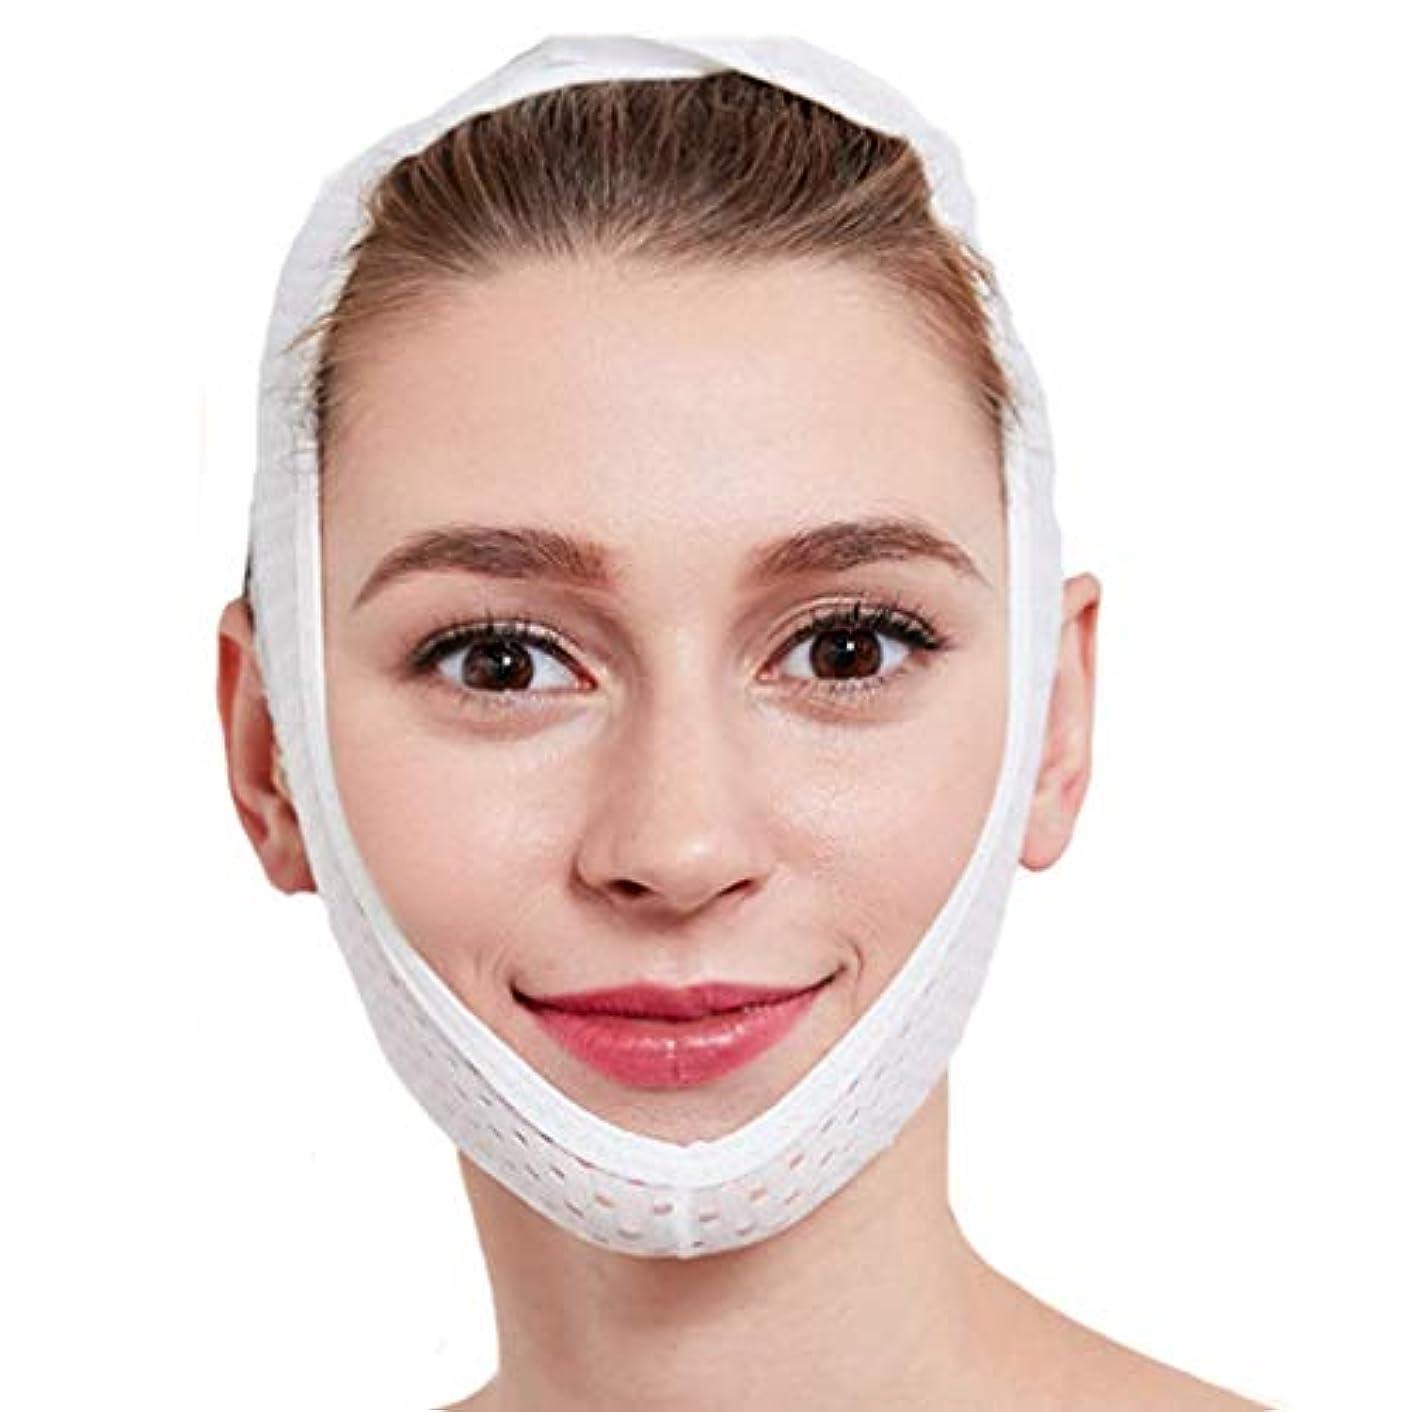 小顔リフトアップベルト 小顔補正ベルト 小顔補正 美容グッズ 二重あご シェイプアップ 加圧マスク ベルト